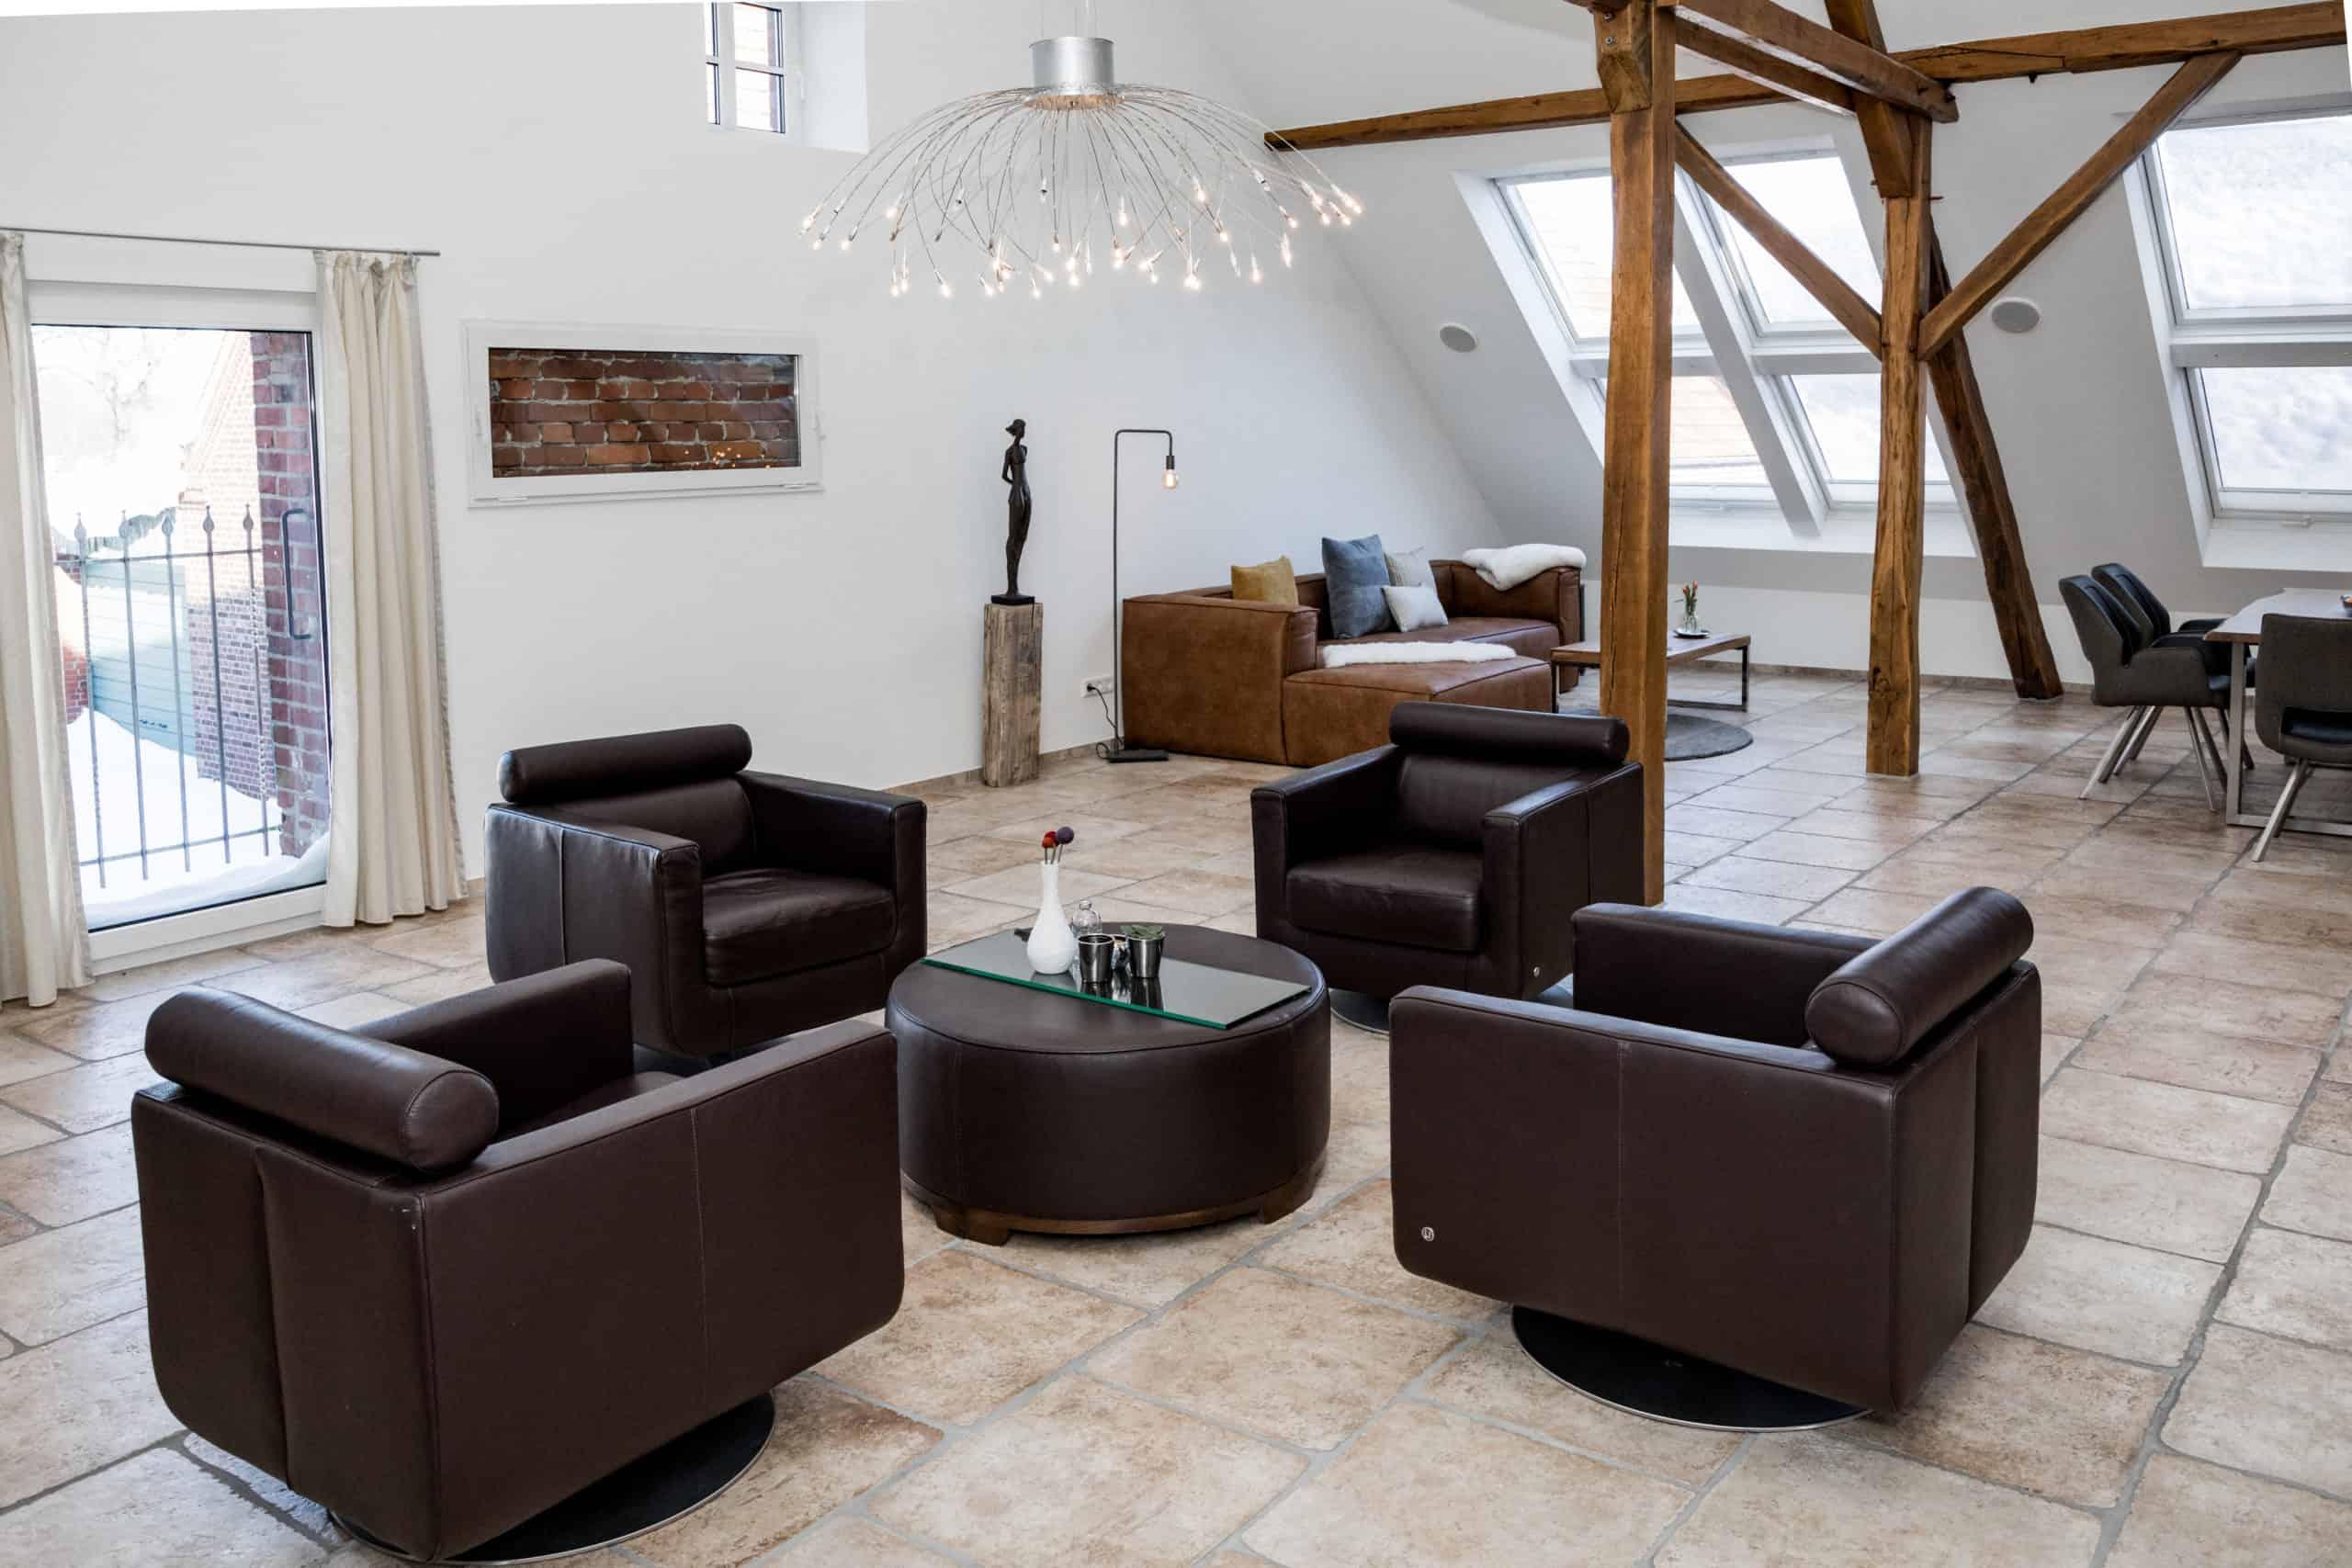 Loft: Sessel und Sofa im Wohnraum